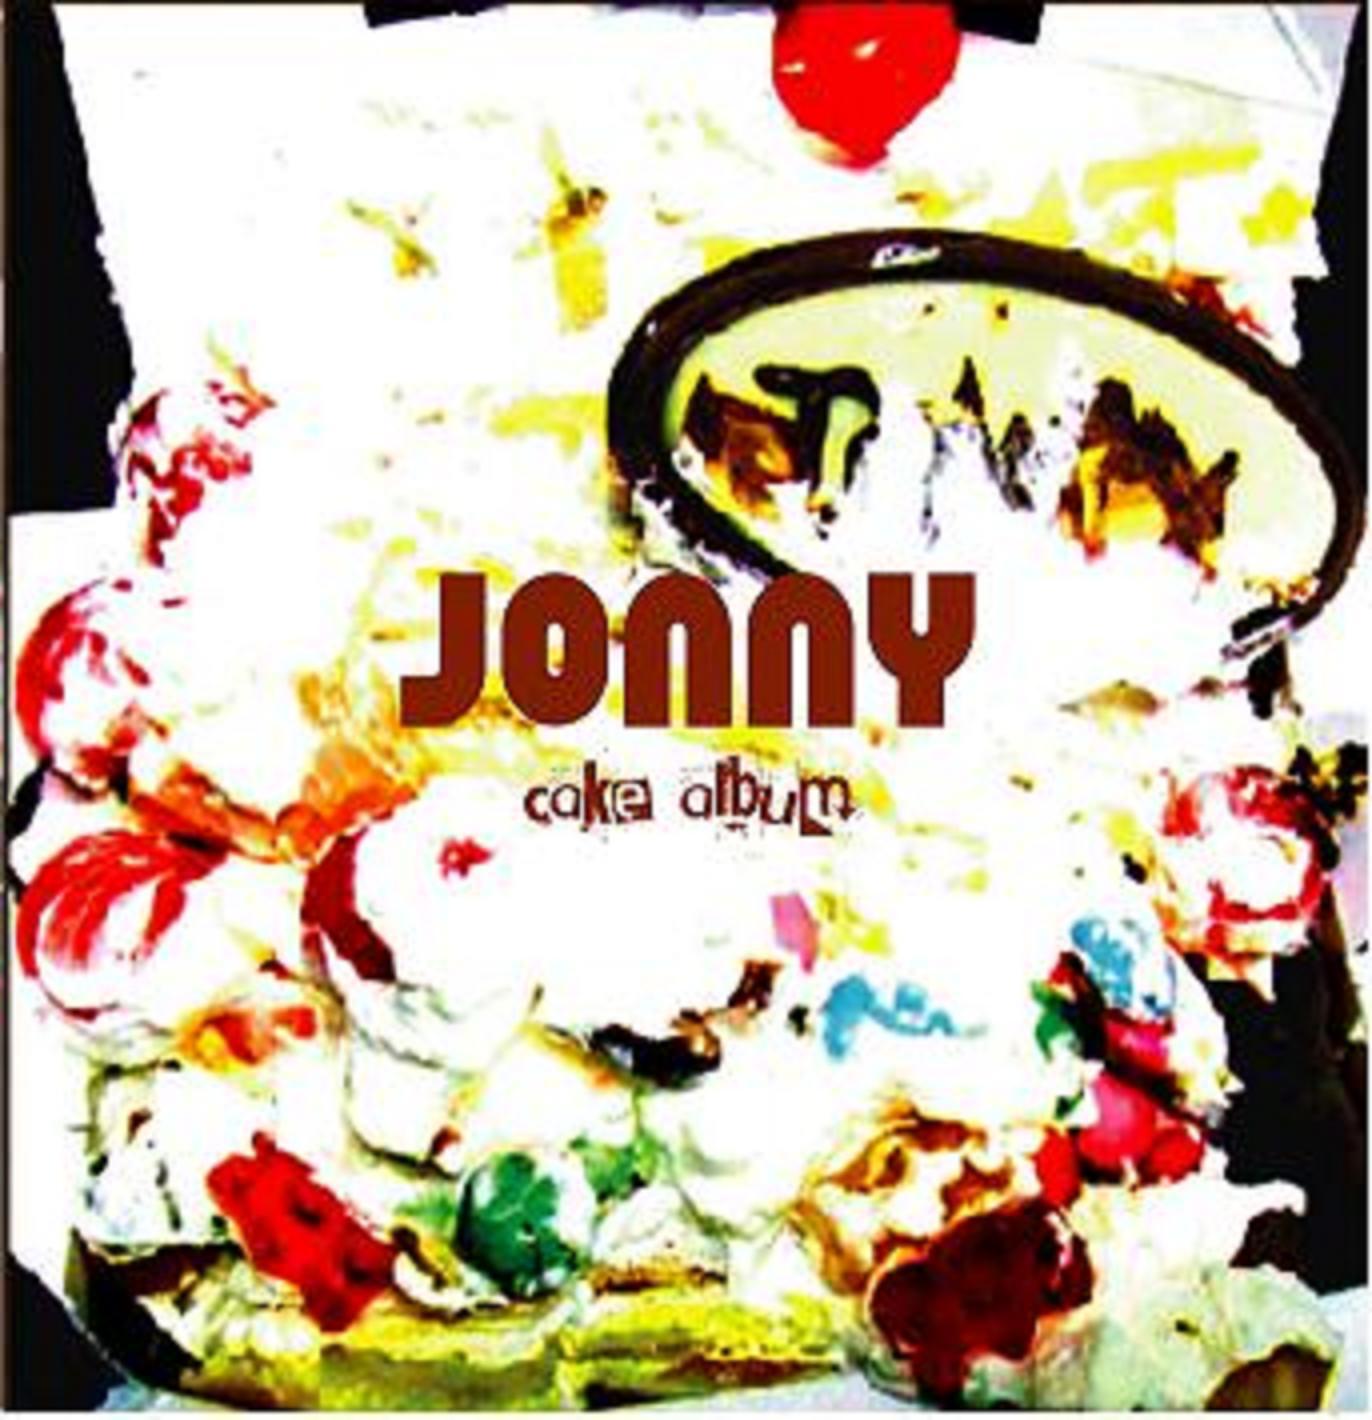 JONNY_cake album